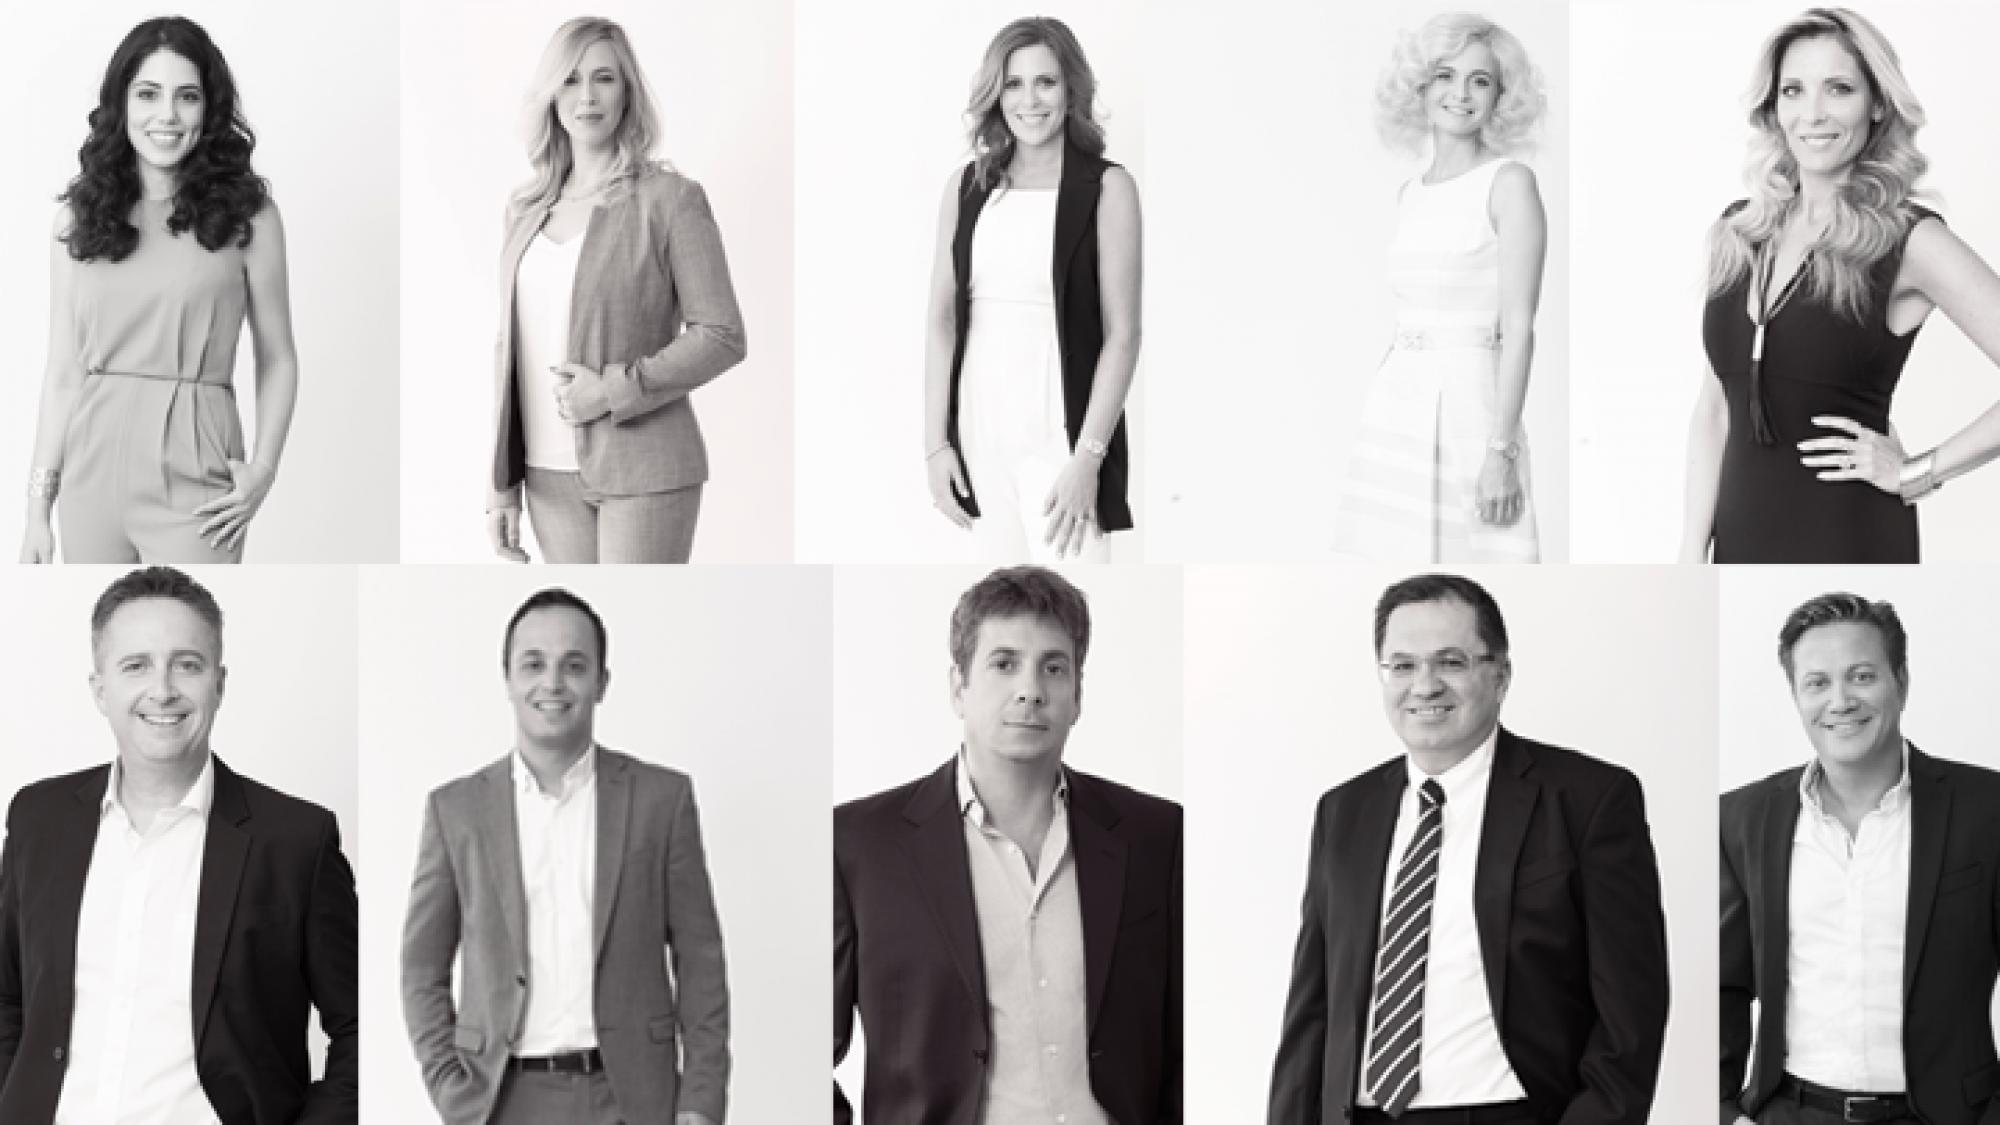 הפרקליטים המצטיינים של חזית עולם העסקים